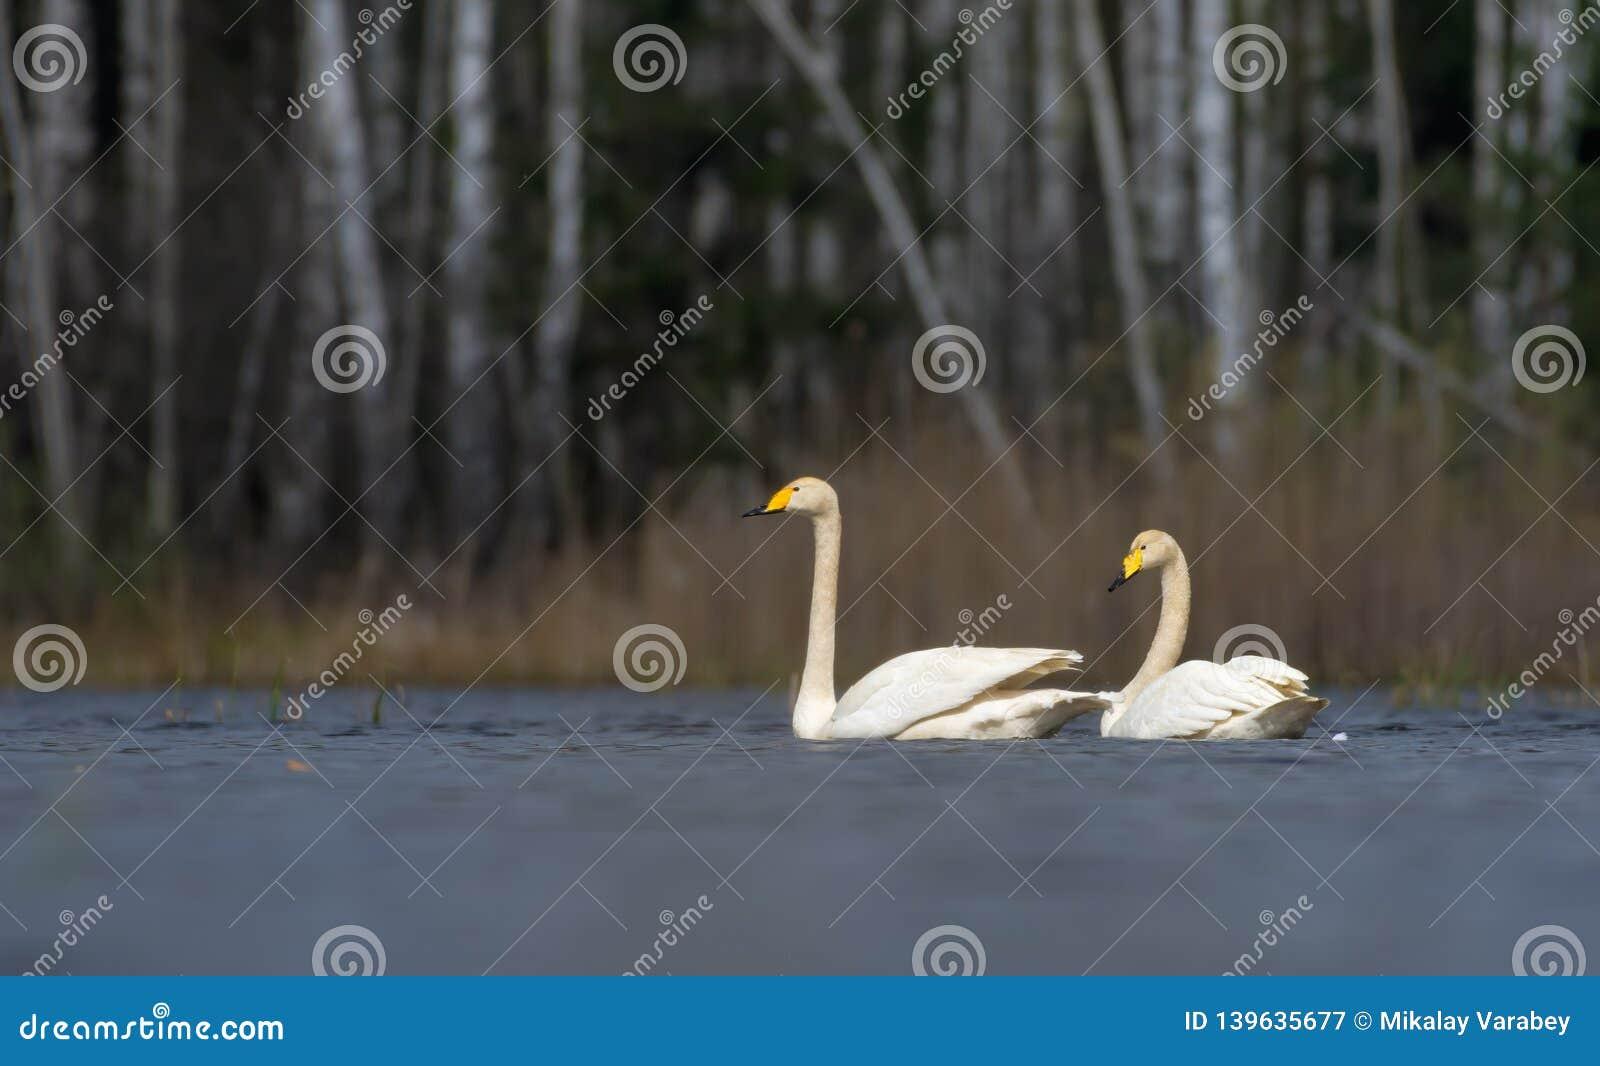 Живописный взгляд на парах взрослых лебедей whooper плавая близко к одину другого с белыми пер и оперением